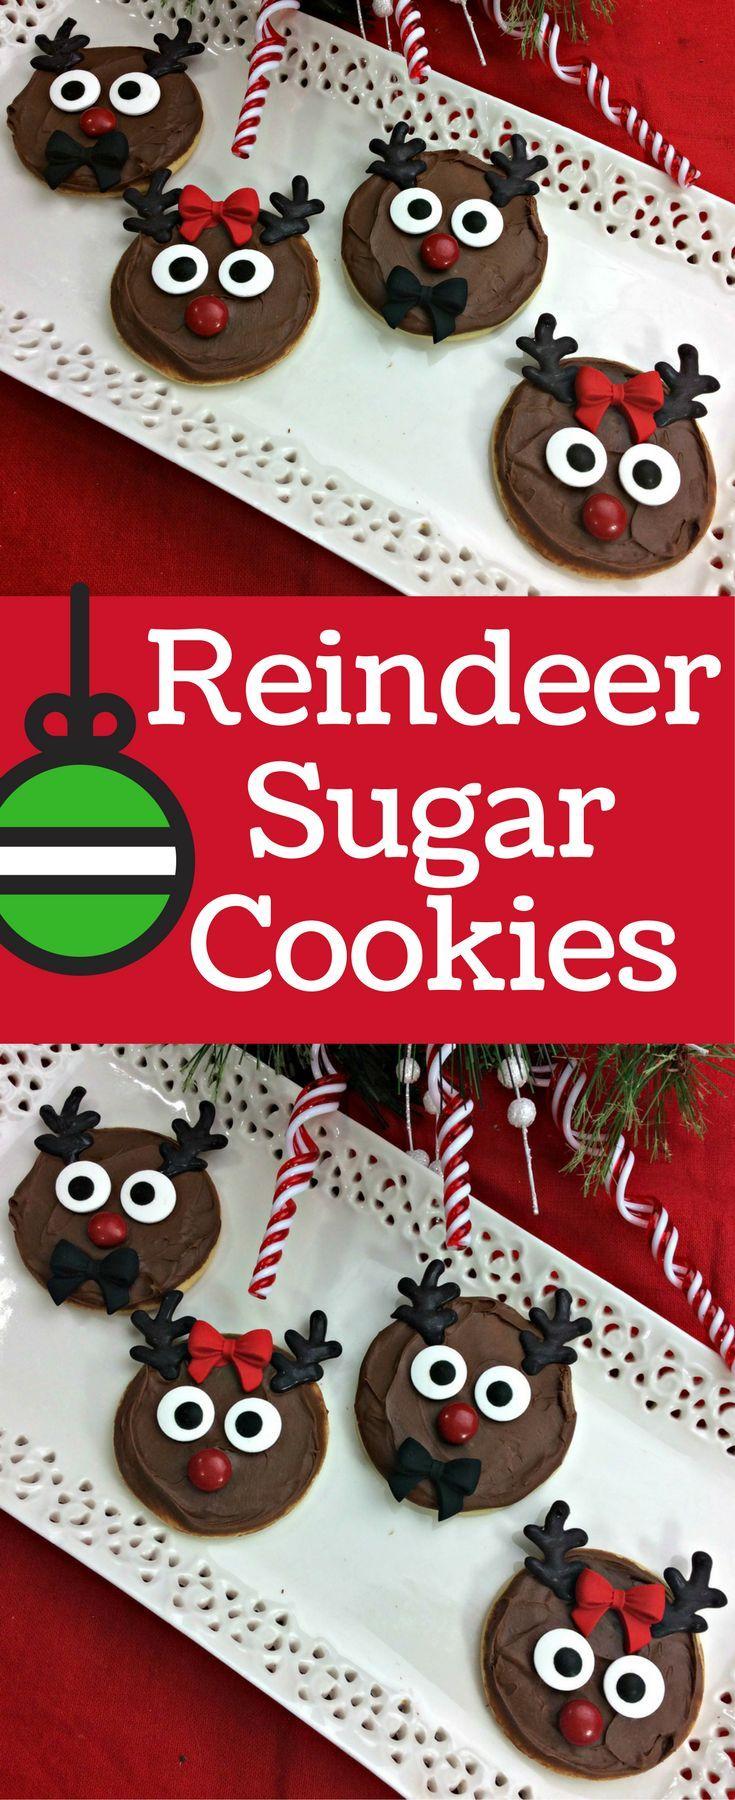 holiday sugar cookies decorated for kids- easy reindeer sugar cookies with frosting #holidaysugarcookies #sugarcookies